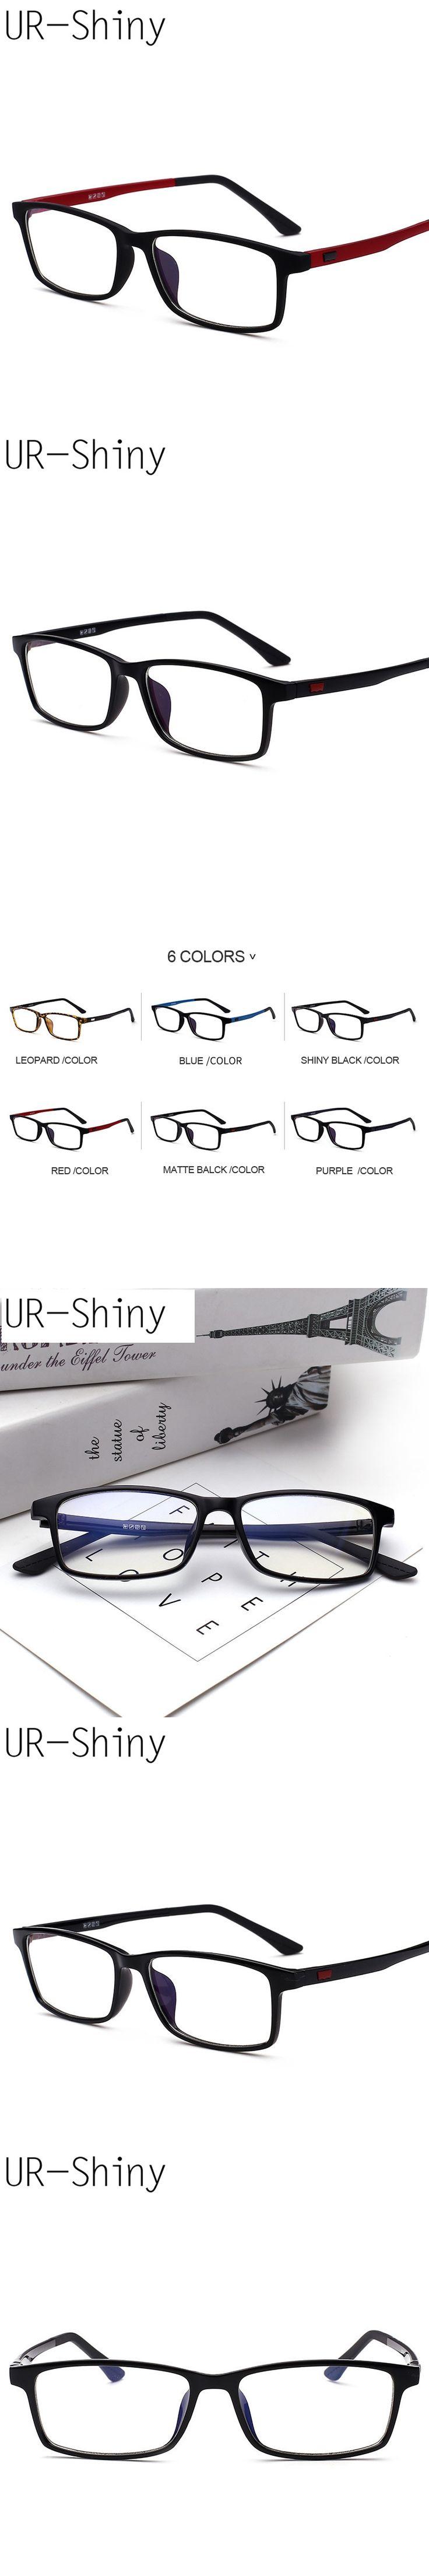 Light TR90 Men Eyeglasses Frame Brand 2017 Plastic Titanium Retro Clear Myopia Optical Designer Glasses Frame Women GJC510A